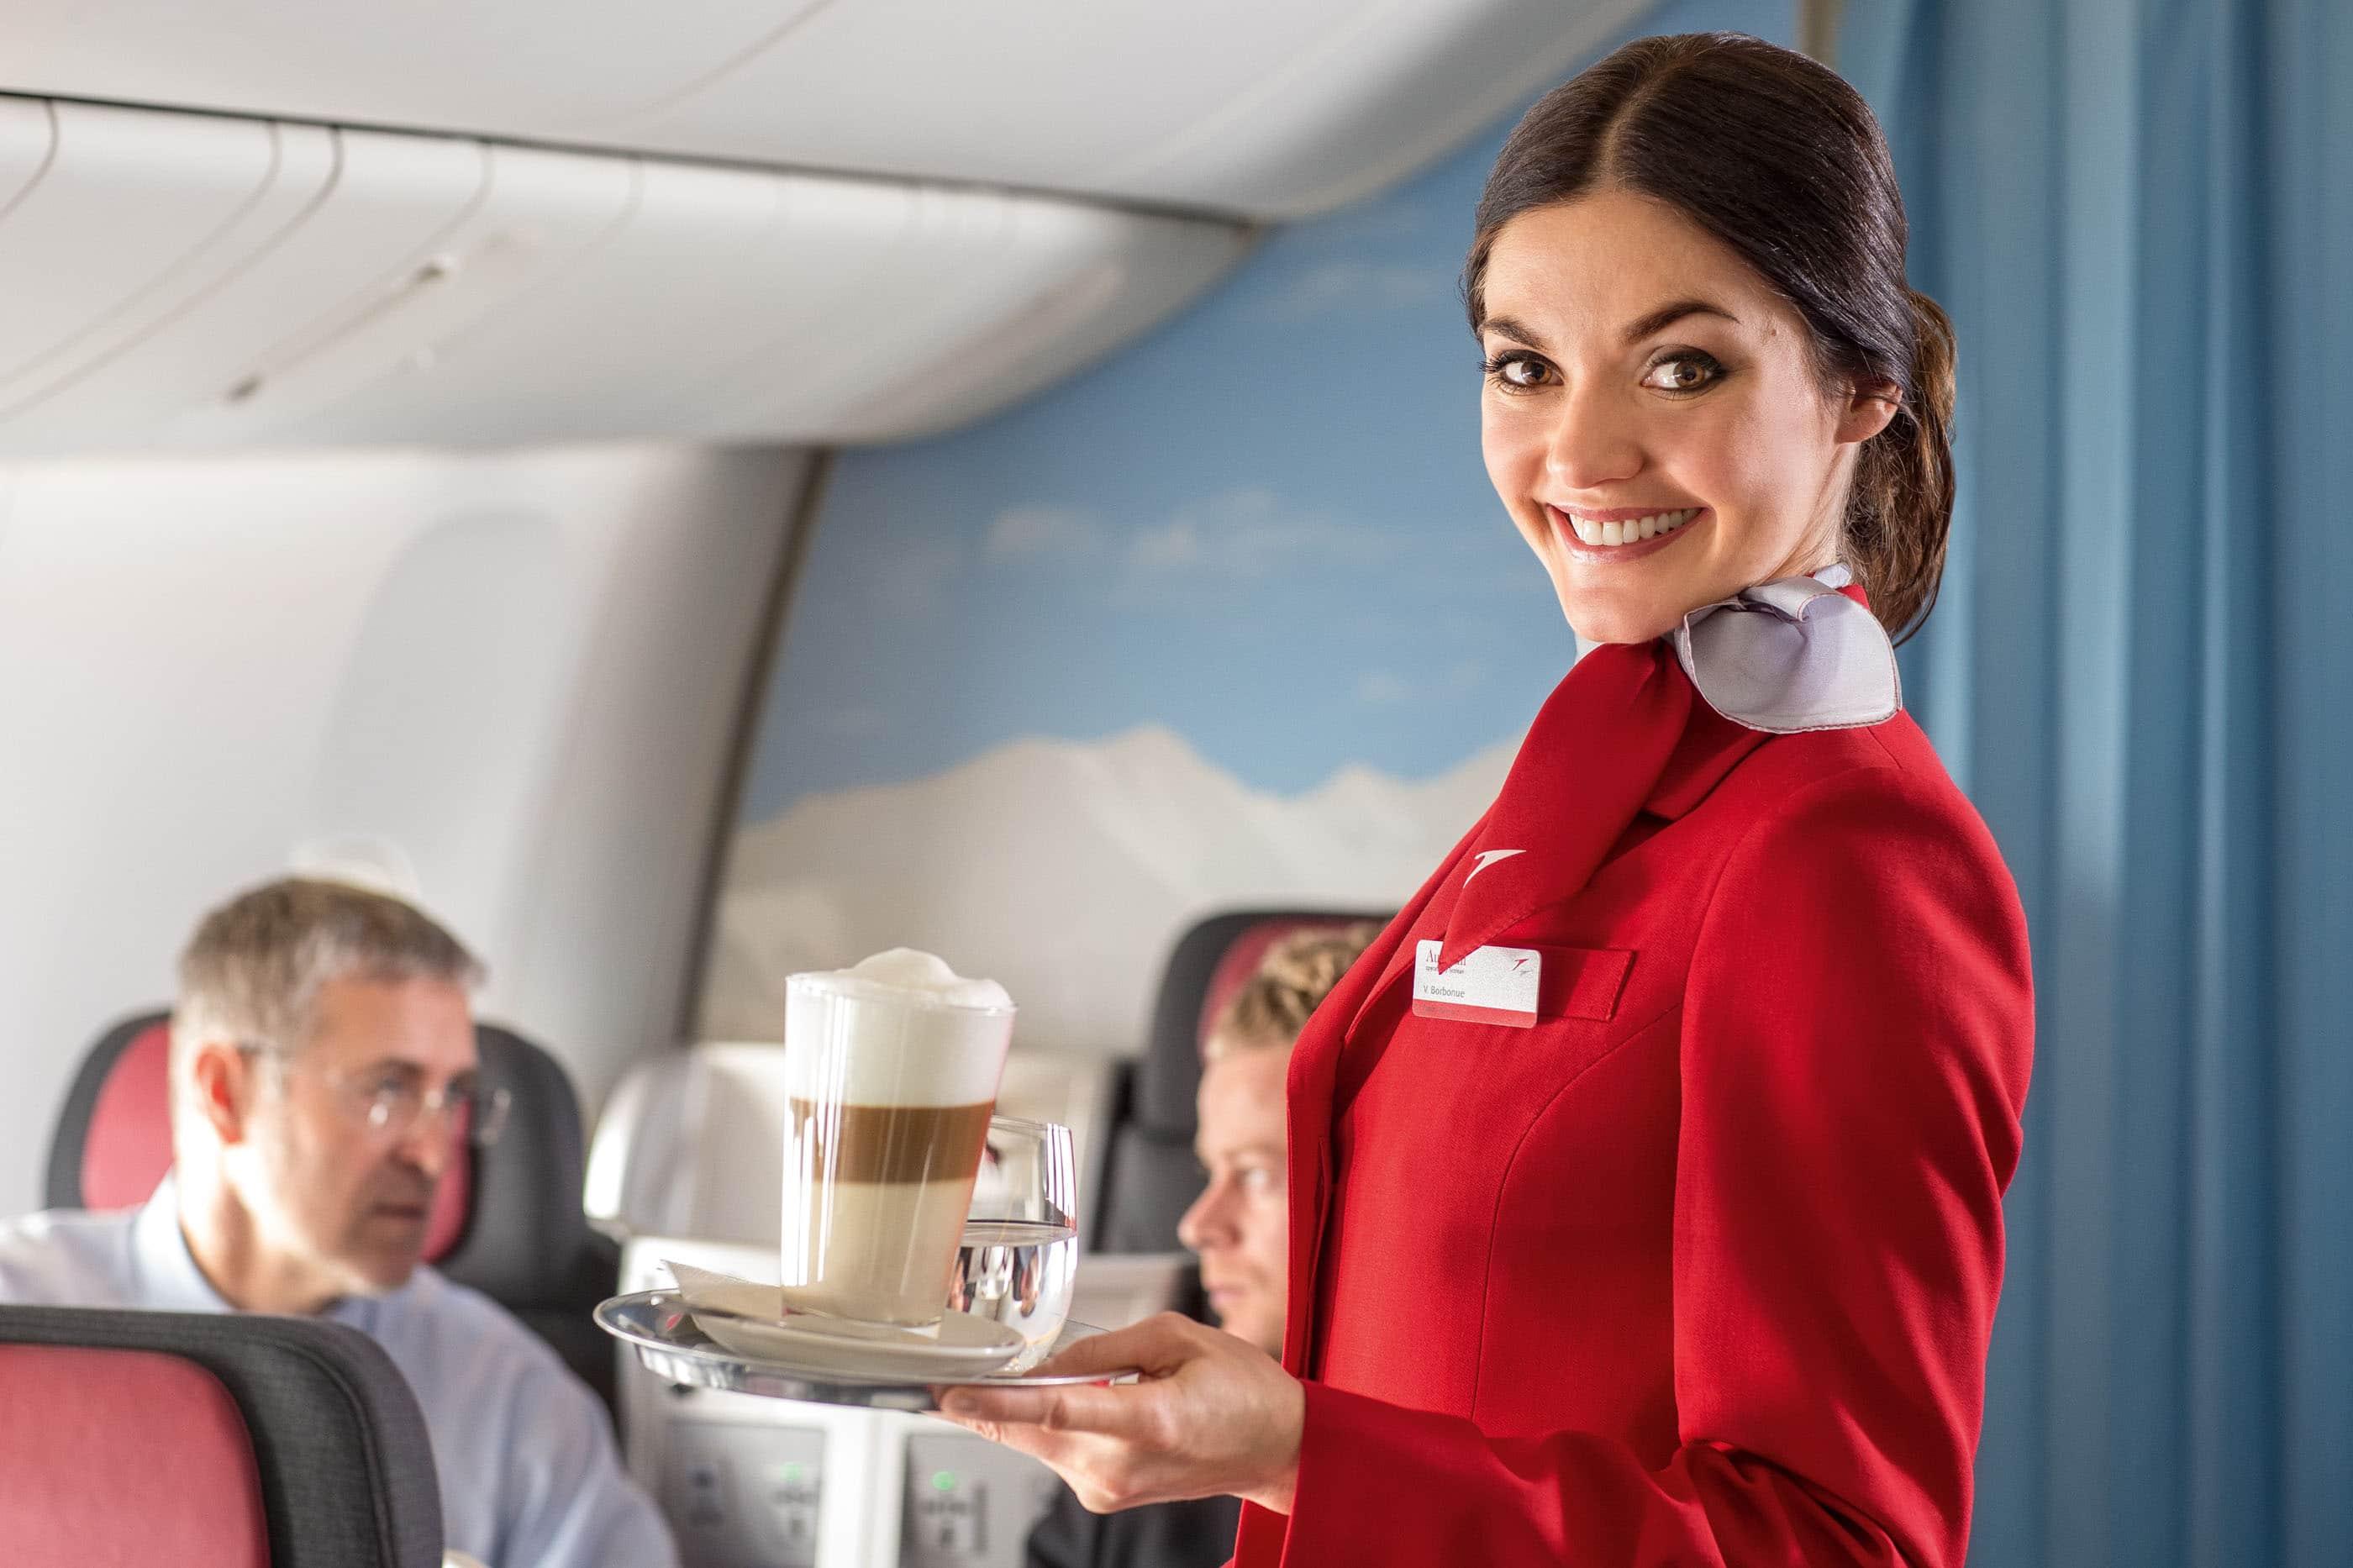 Vì sao tốt nhất là đừng uống cà phê trên máy bay?